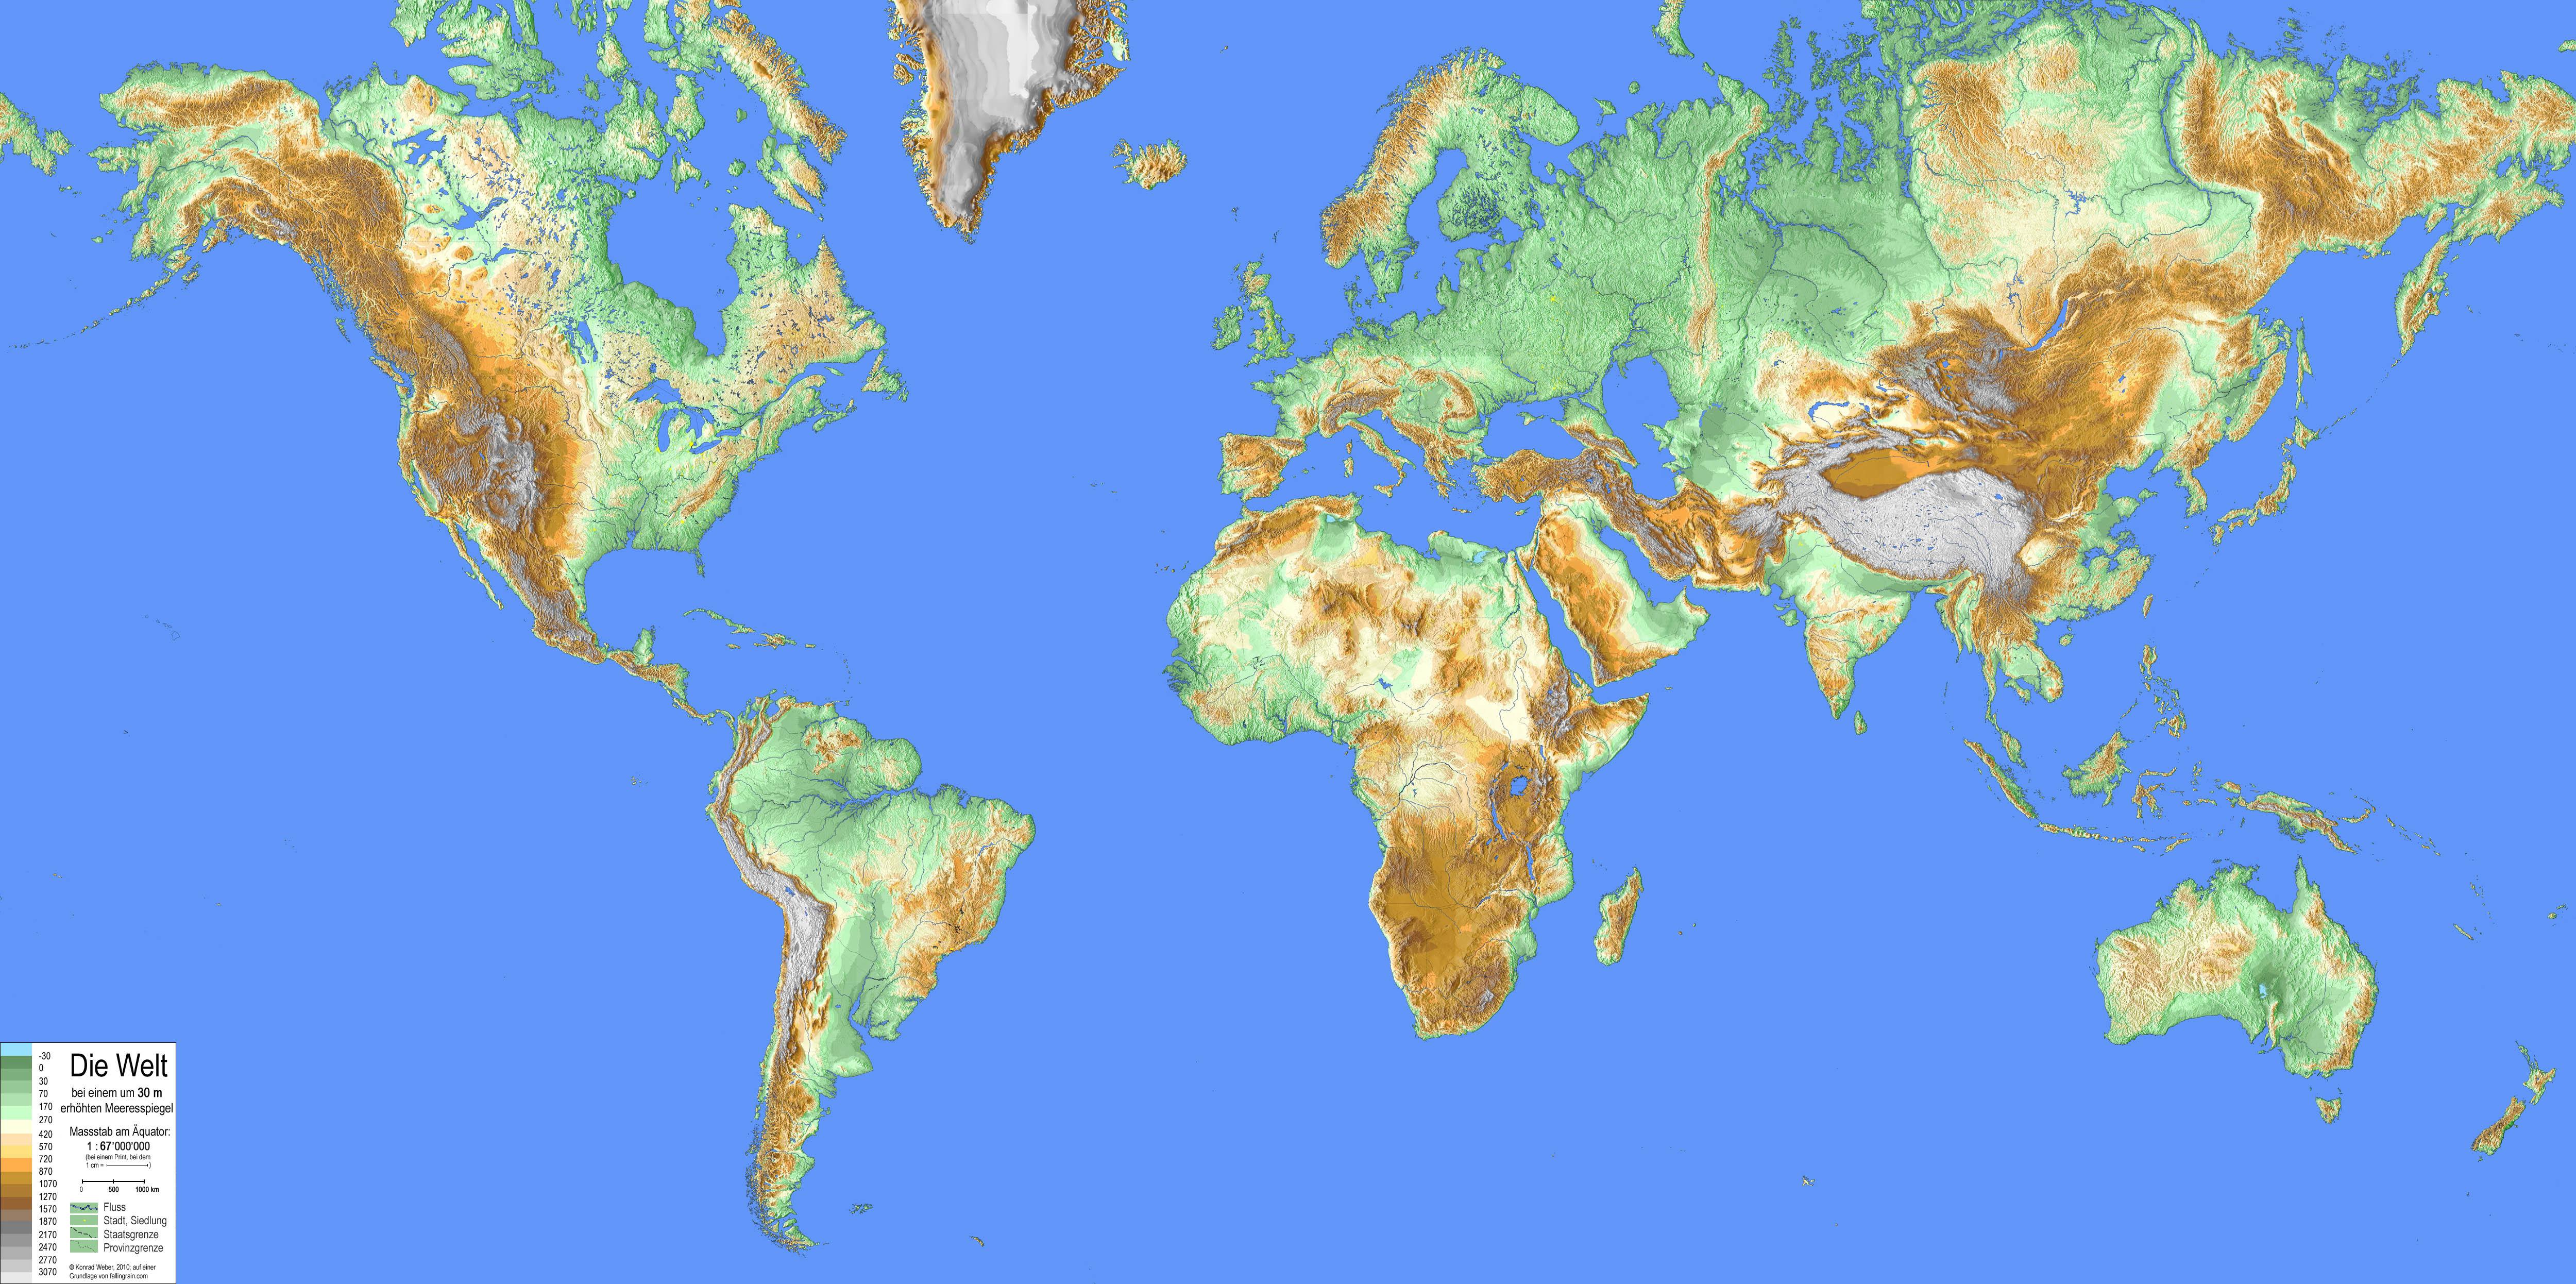 meeresspiegelanstieg karte Karten der Welt mit erhöhtem Meeresspiegel